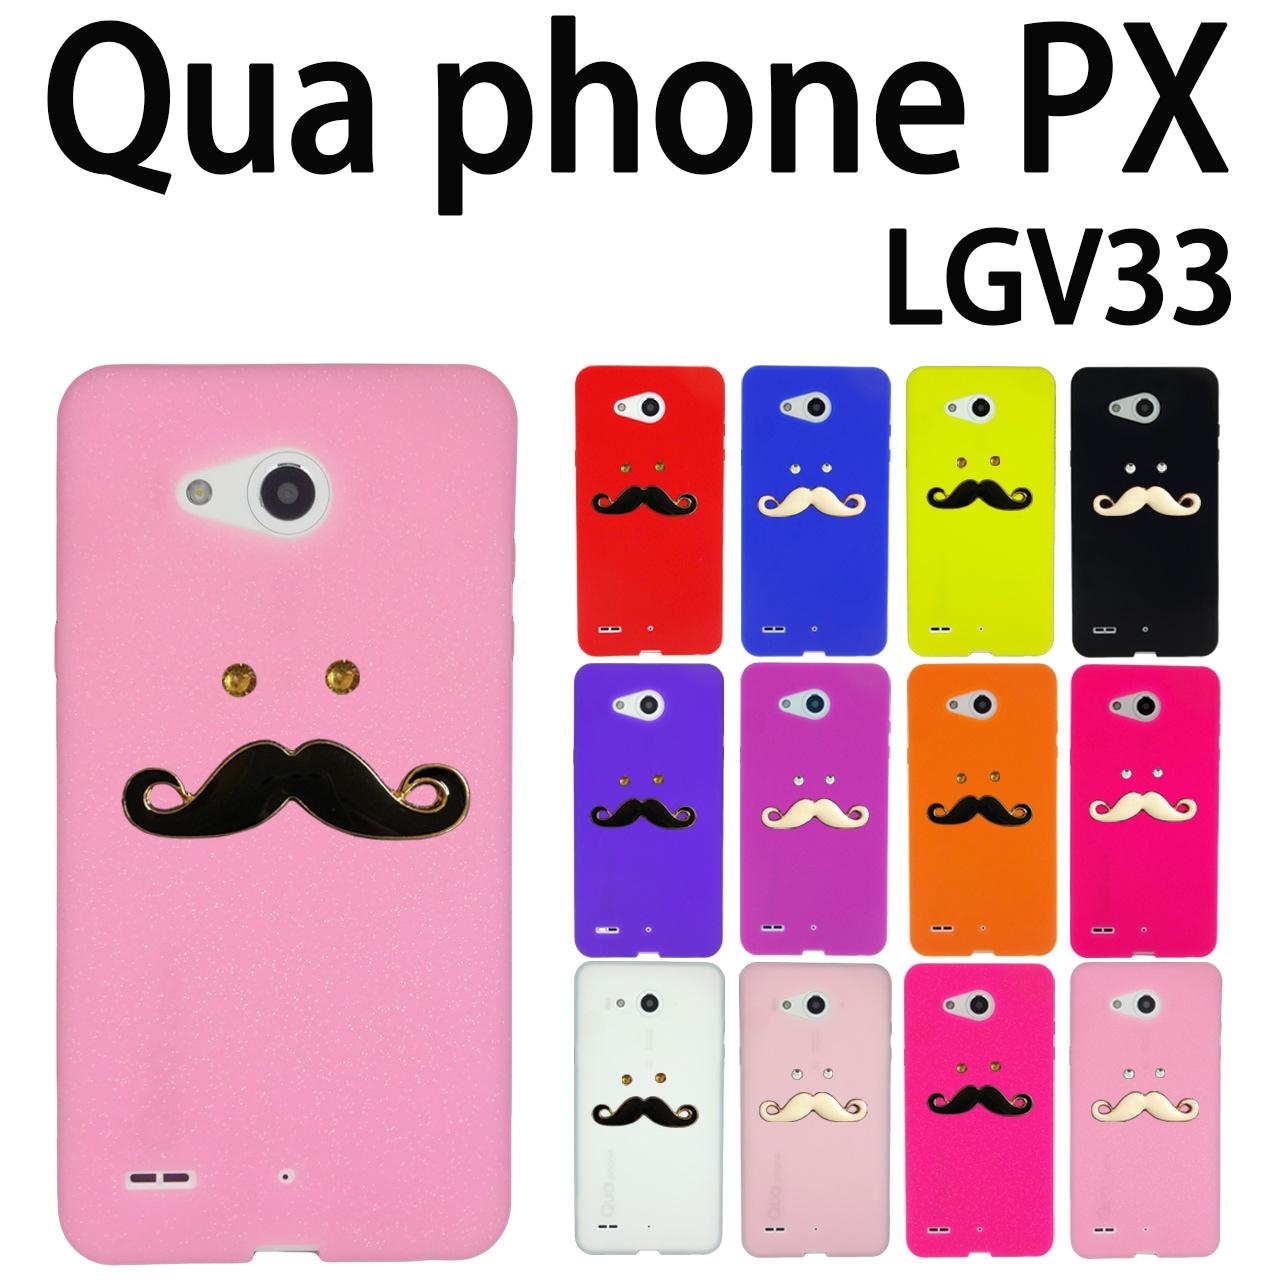 LGV33 Qua phone PX 用 デコレーション デコ シリコンケース ひげ (全12色 [ QuaPhonePX キュアフォンPX LGV33 ケース カバー LGV33 higedek]